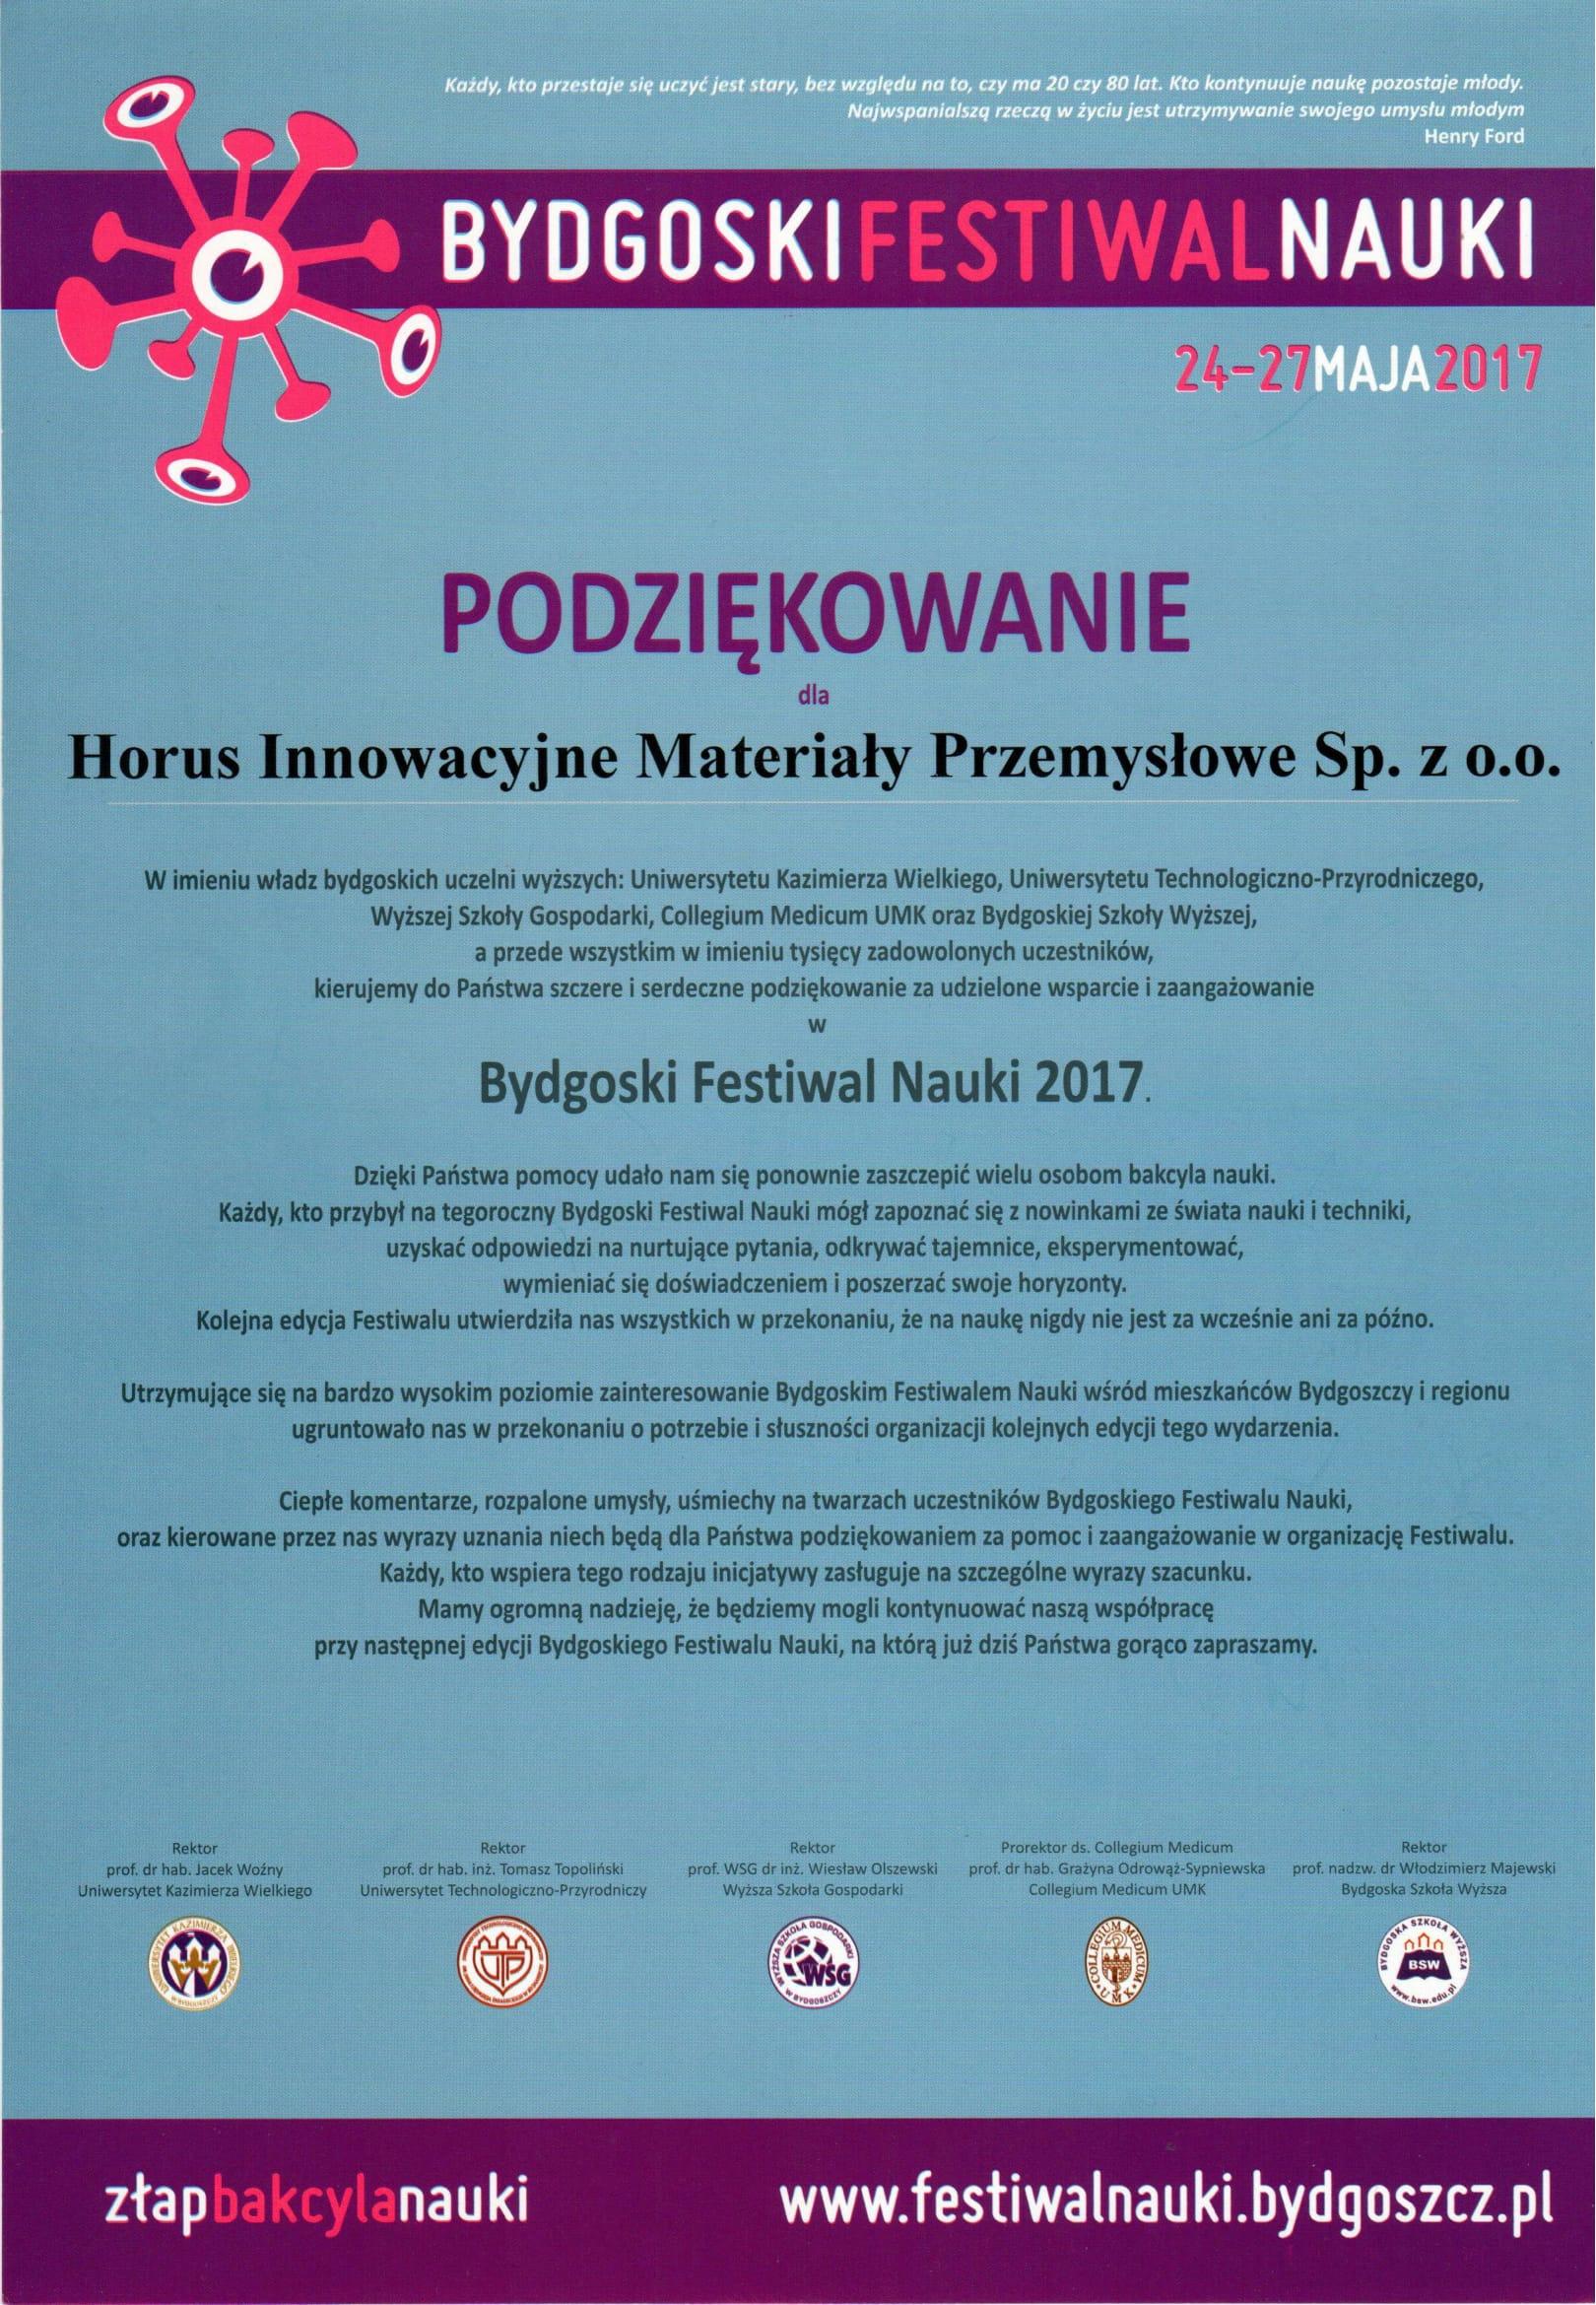 Festiwal Nauki Horus